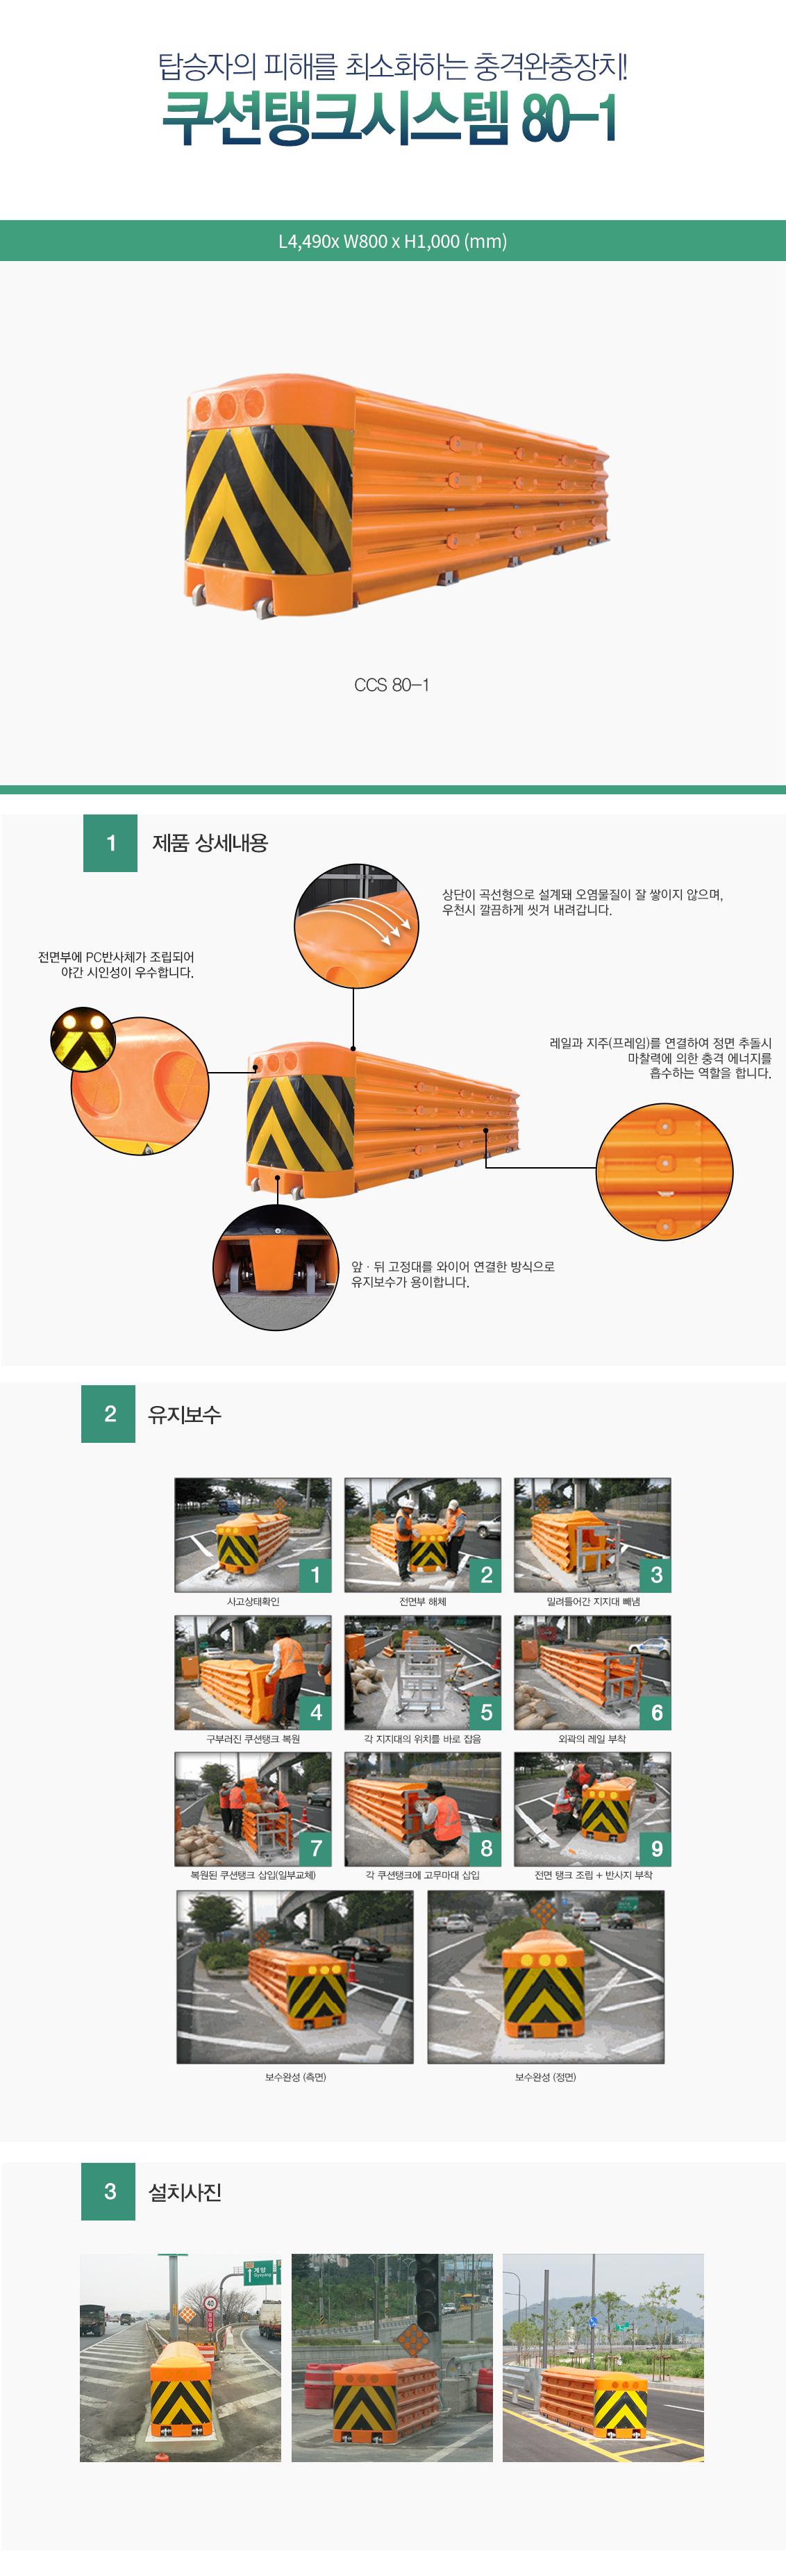 쿠션탱크시스템80_1_해솔_20200714.jpg